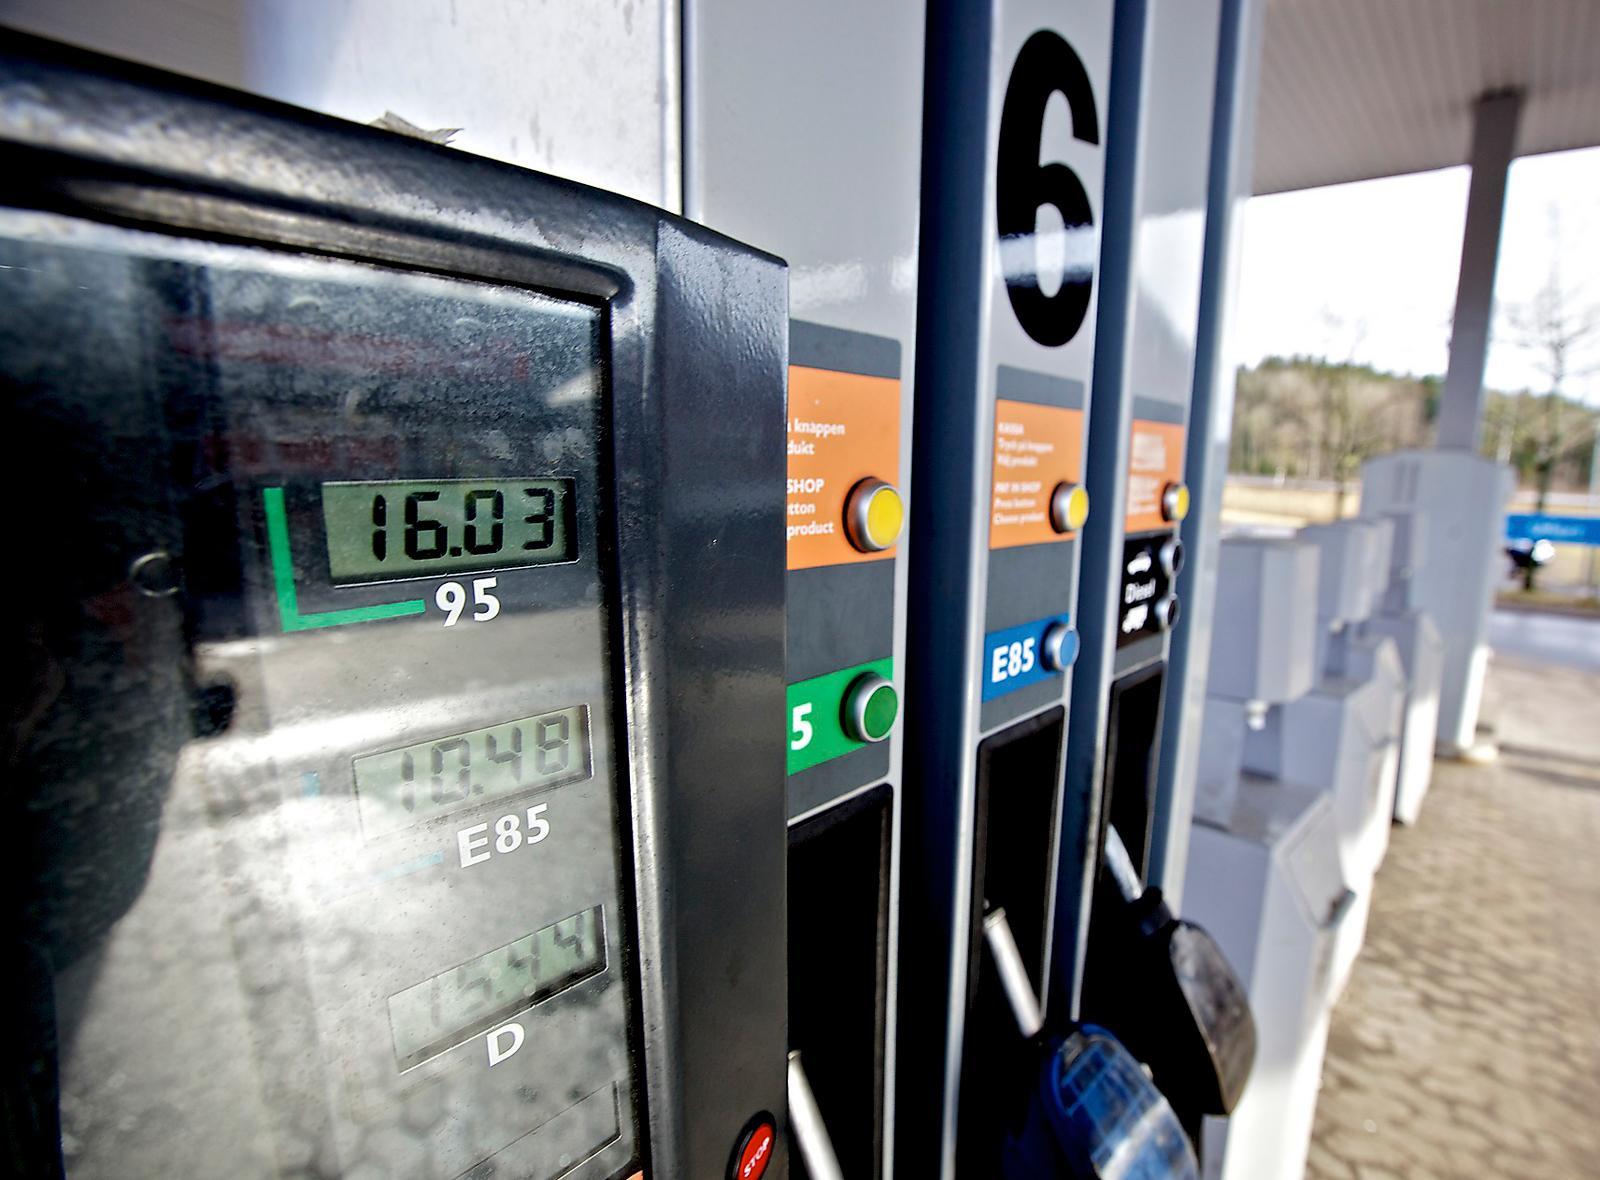 2014 fördubblas halten etanol i vanlig bensin, enligt ett regeringsförslag. En likadan övergång möttes med stor skepsis i Tyskland och Finland. Foto: STEFAN MATTSSON